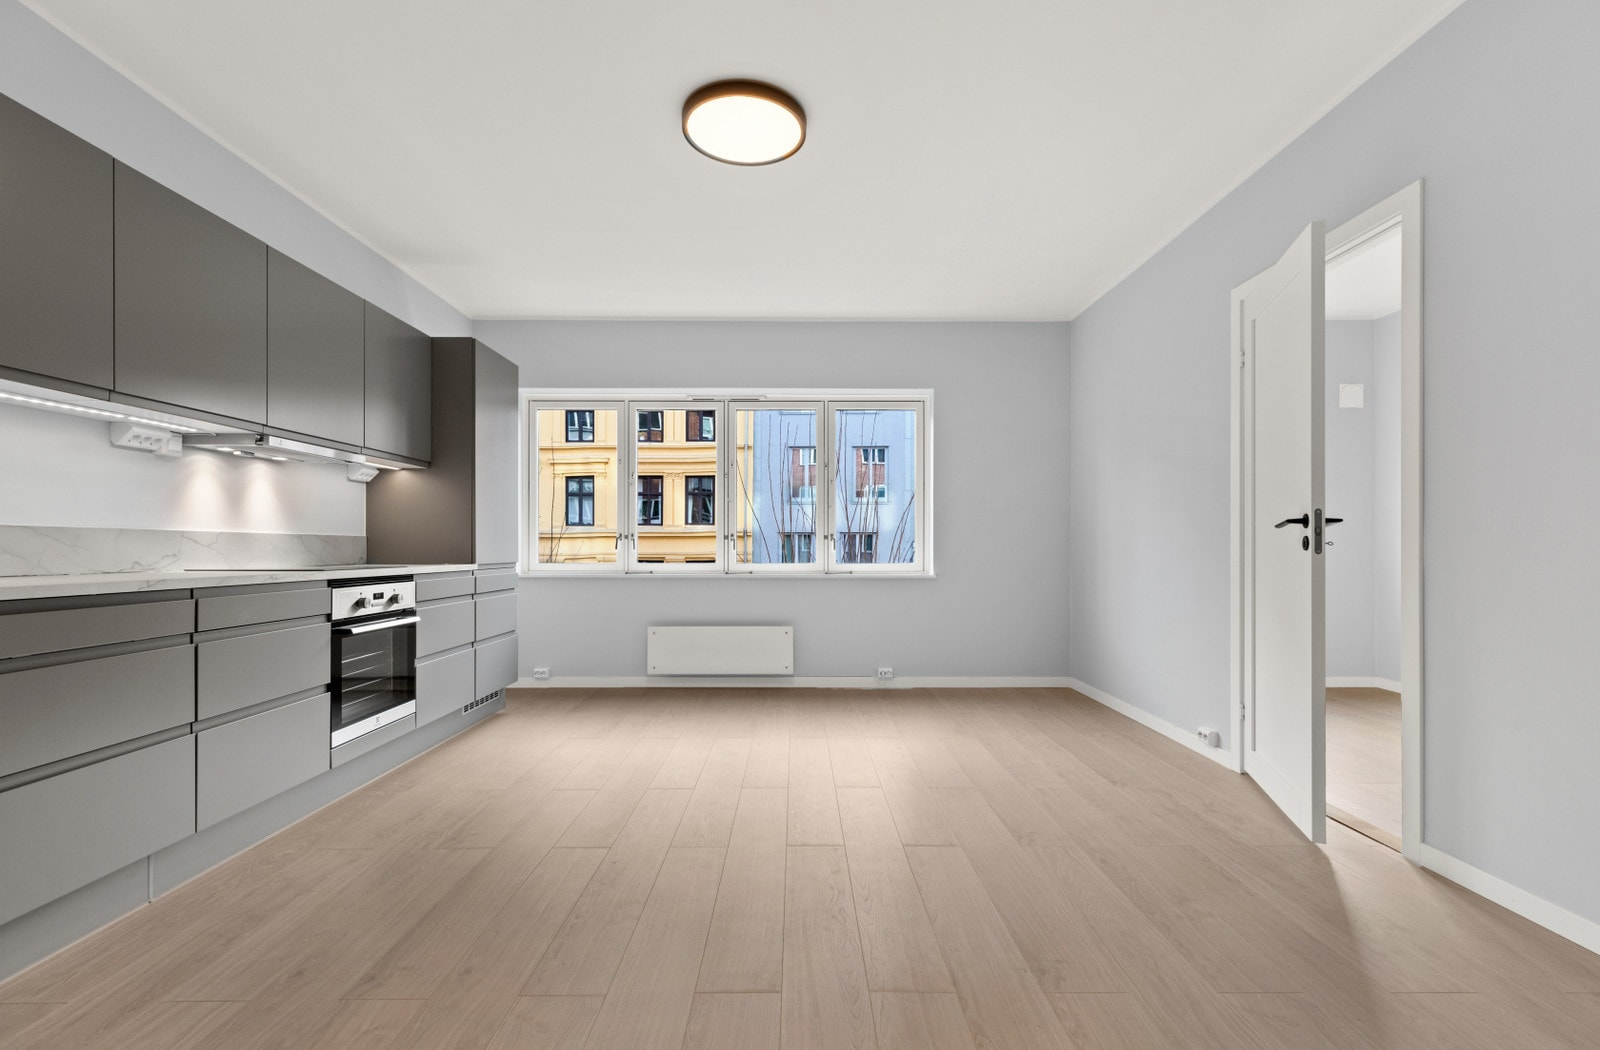 Kjøkken/stue (bilder av lik leilighet i 2 etasje som er speilvendt)